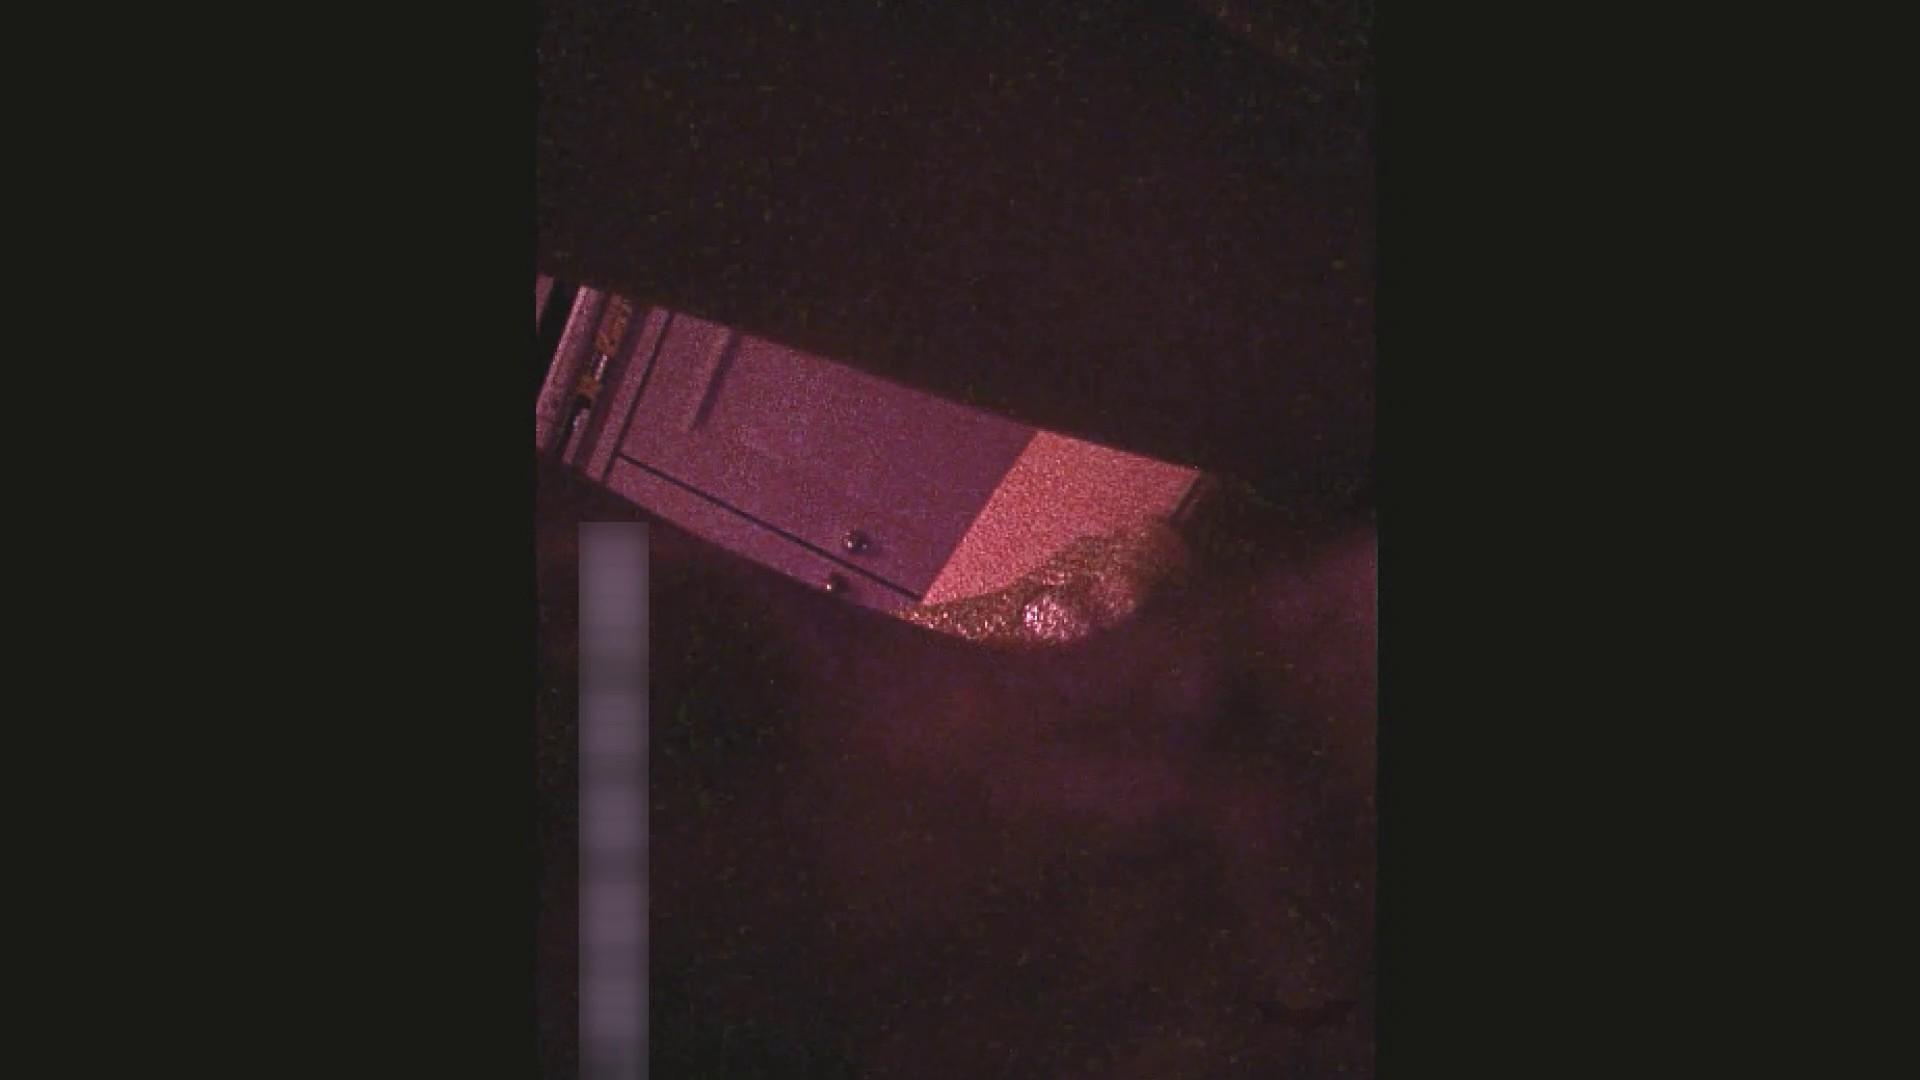 榮倉奈々 似!!激カワ ときめきチャン Vol.34 脱衣編 盛合せ  69PIX 50